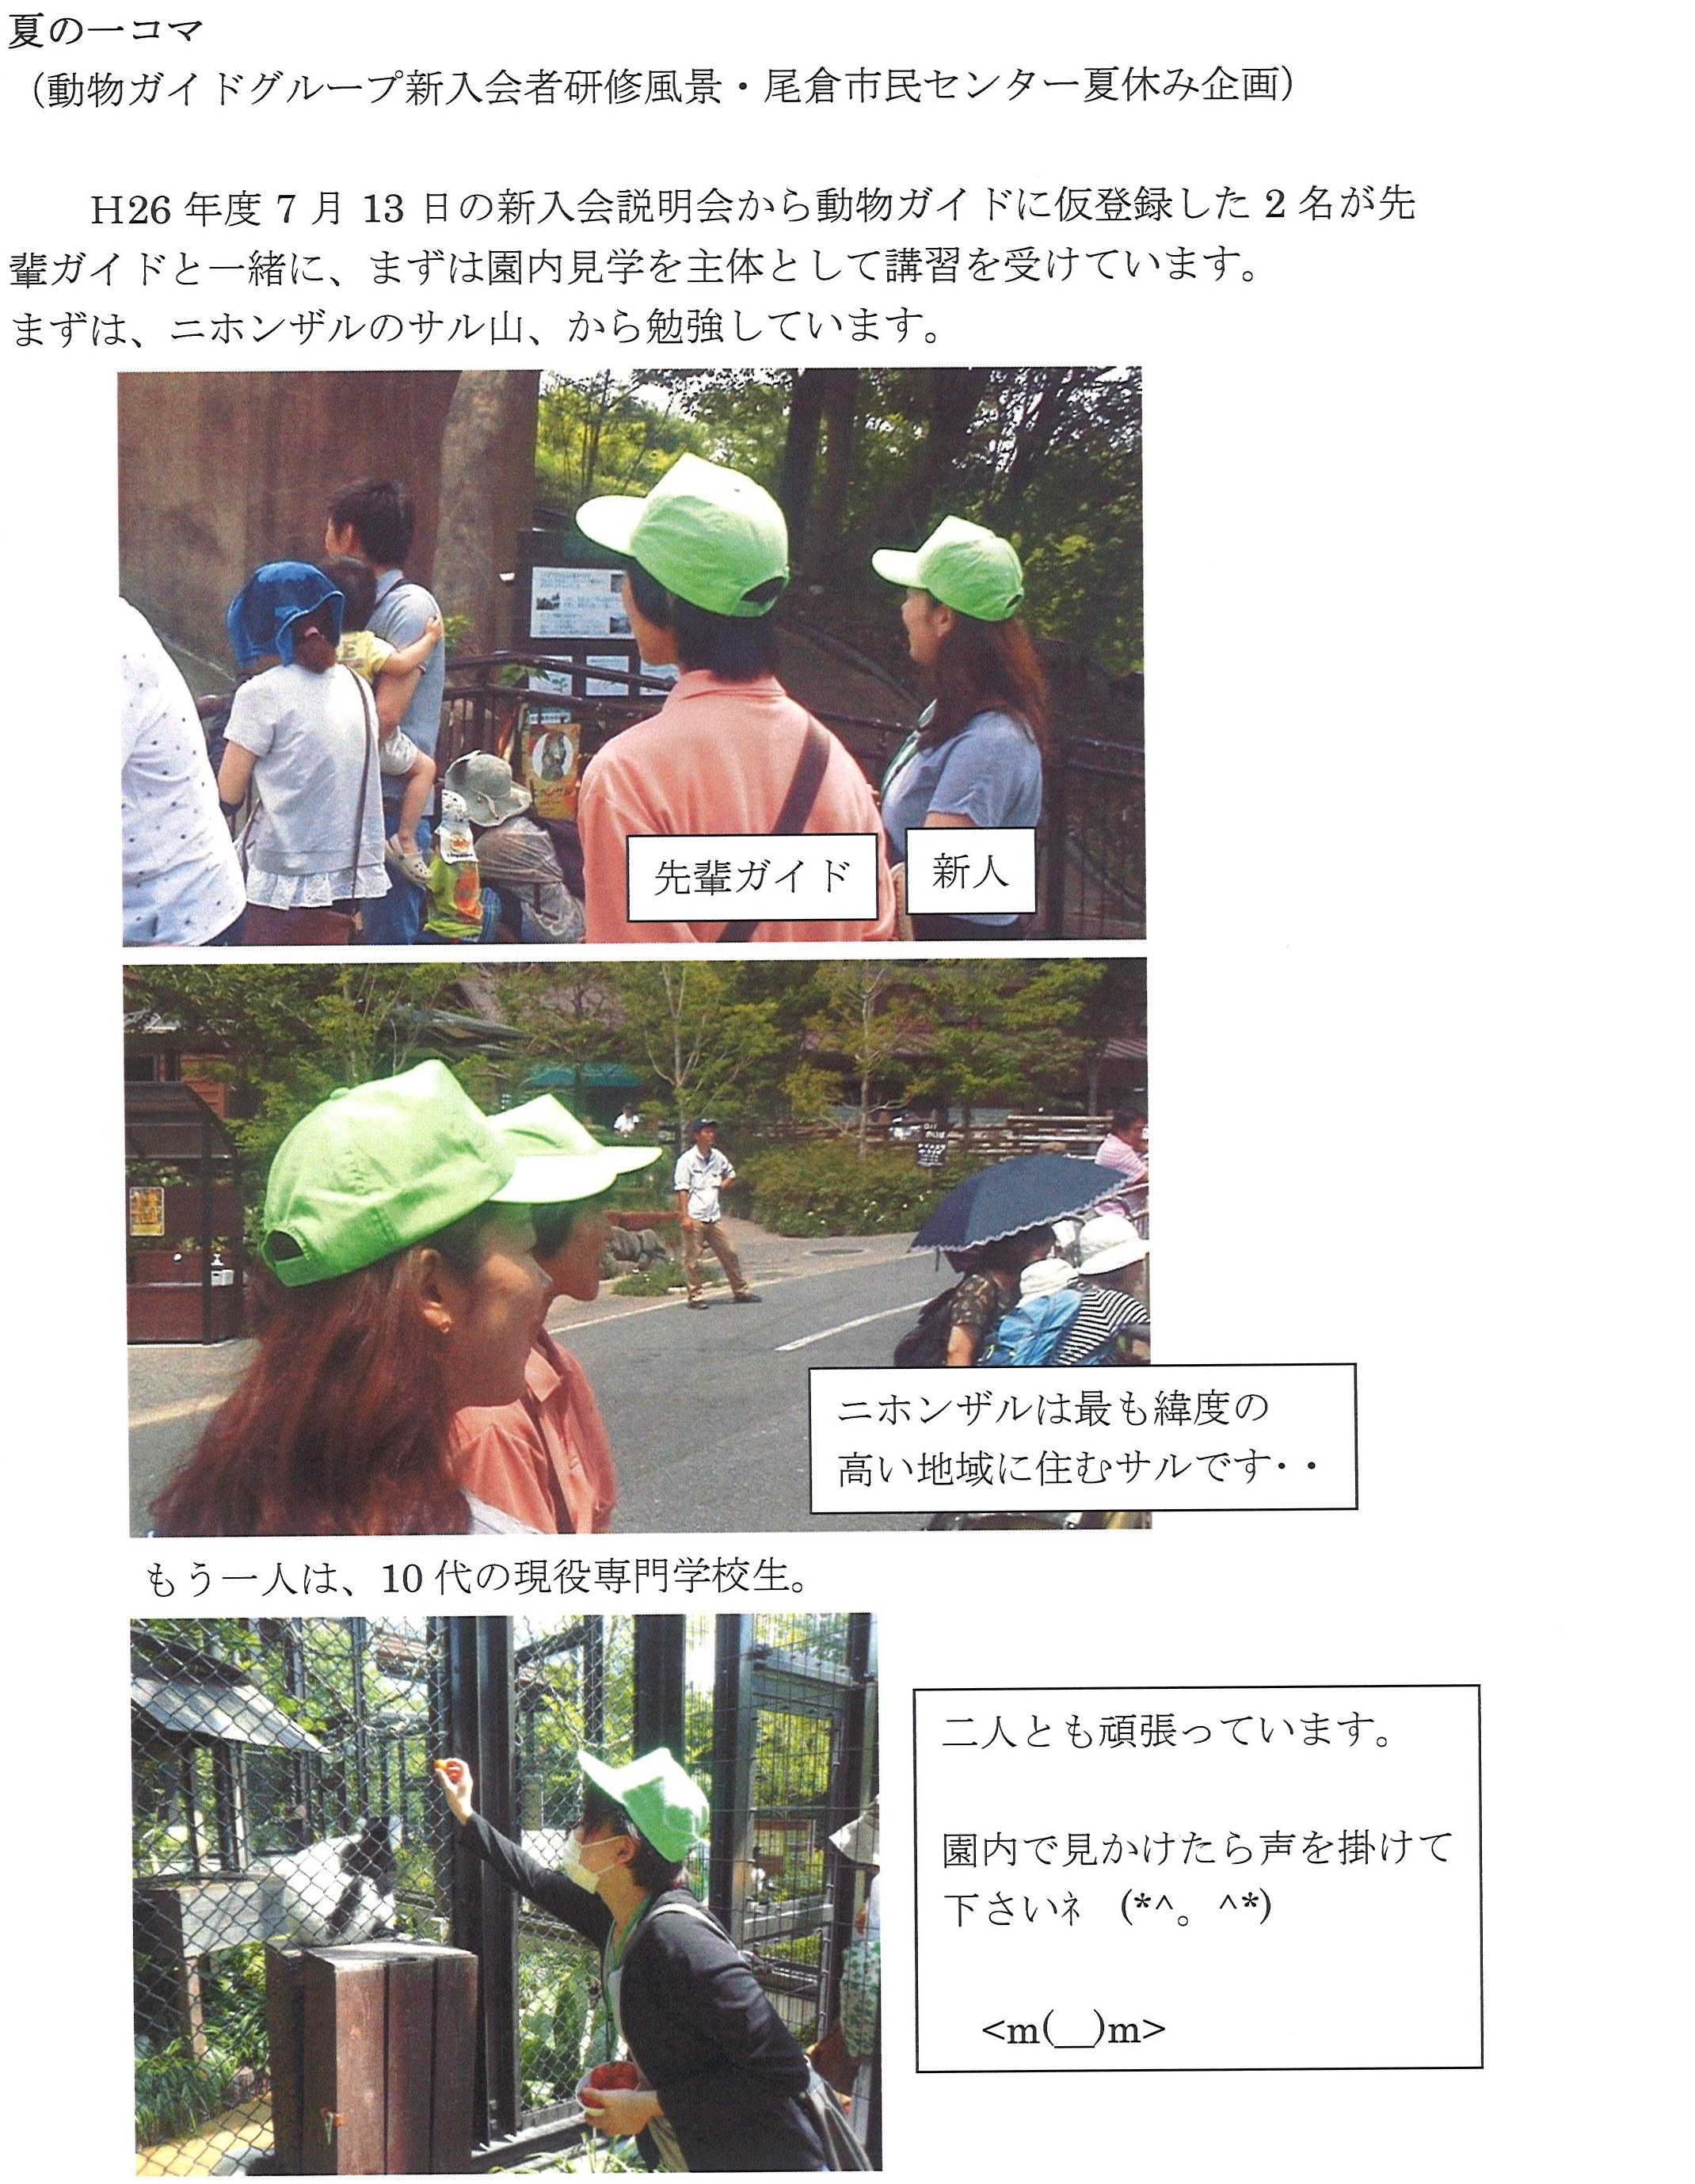 20140910_森の仲間たち_1.jpg